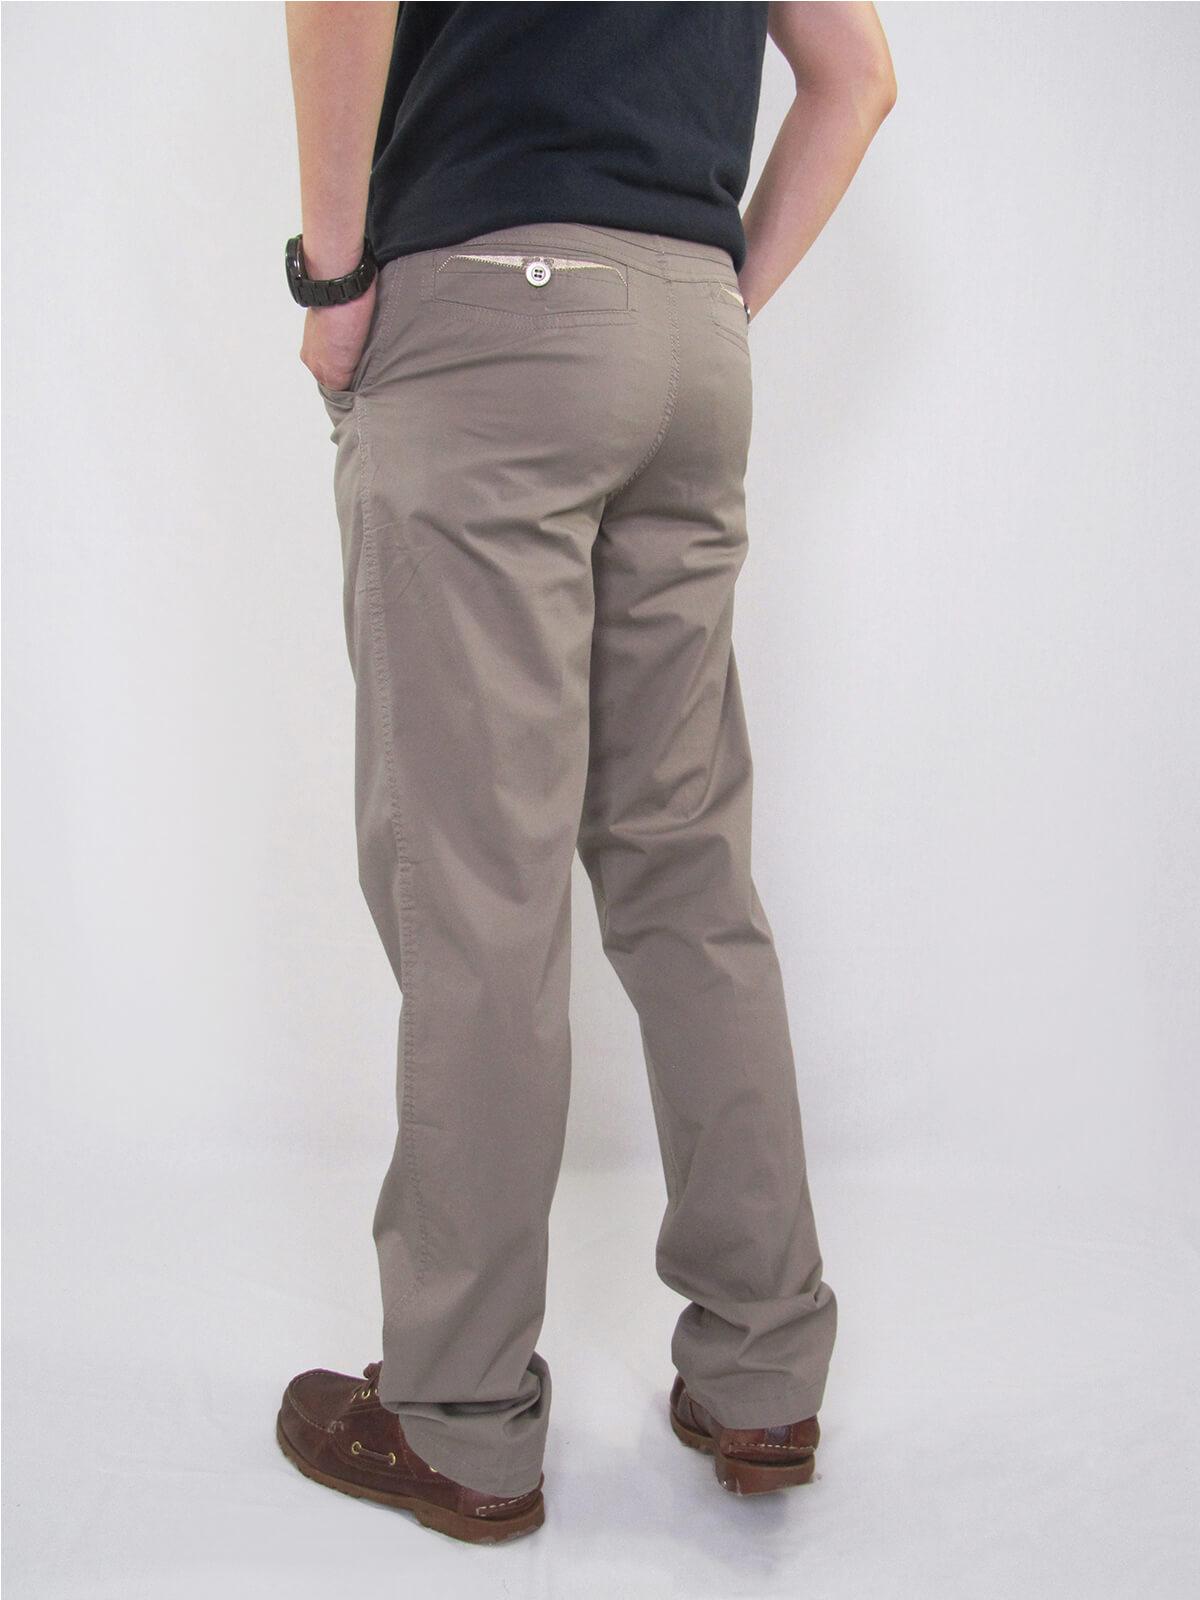 加大尺碼精梳棉平面休閒長褲 大尺寸顯瘦彈性長褲 時尚卡其長褲 PANTS (327-8106-01)銀灰色、(327-8106-02)卡其色 L XL 2L 3L 4L 5L (腰圍30~40英吋) [實體店面保障] sun-e 4